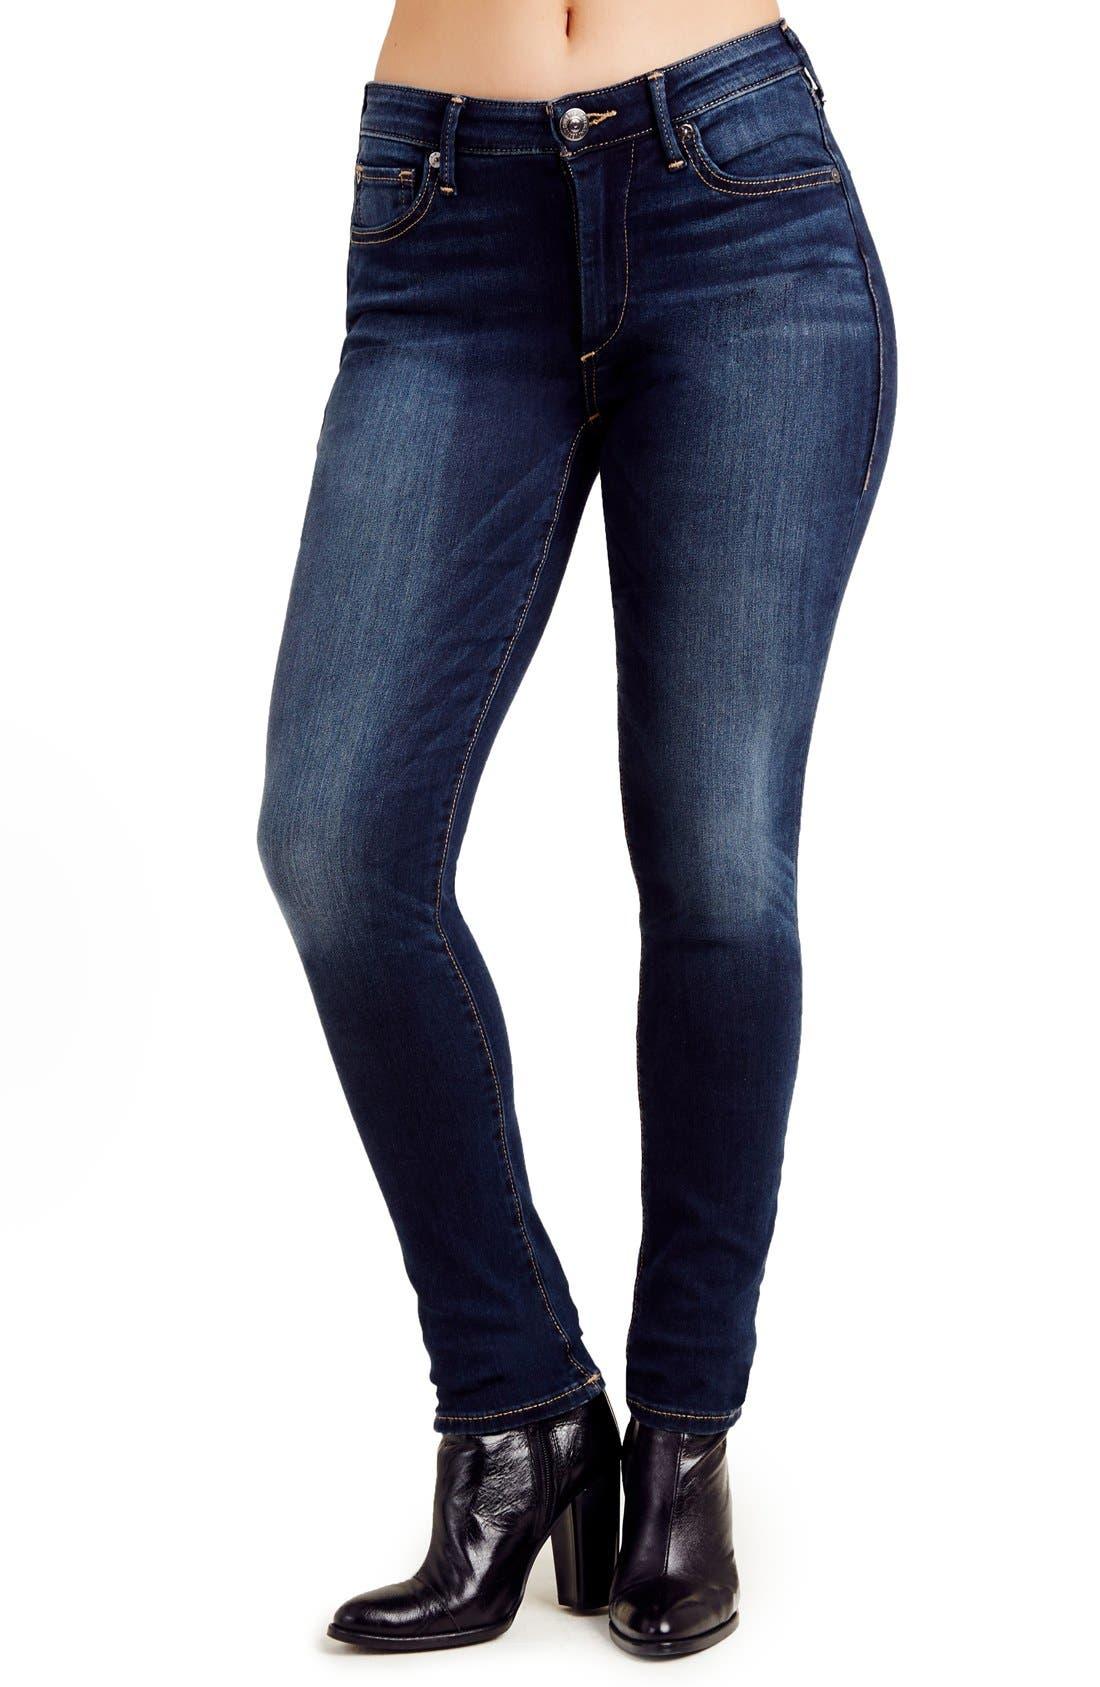 True Religion Jeans Jennie Curvy Skinny Jeans